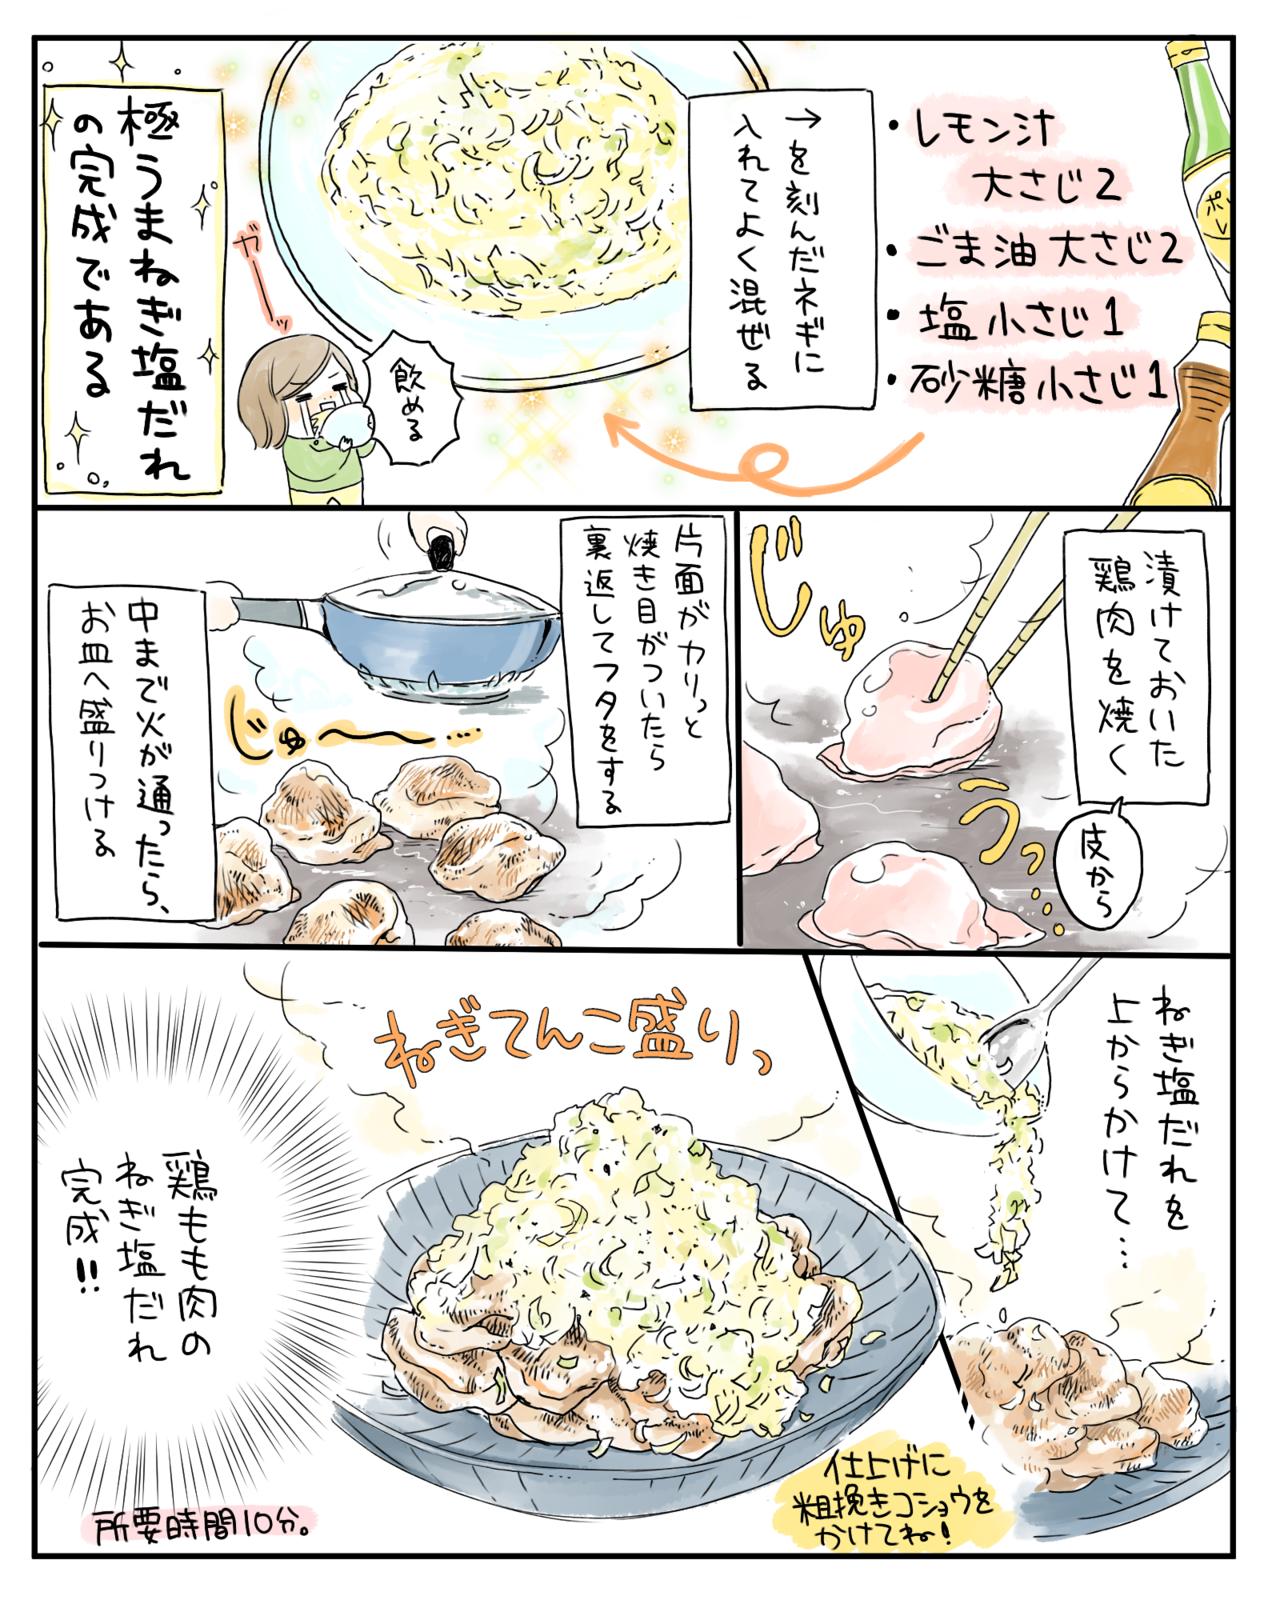 塩 ダレ 鶏肉 ネギ